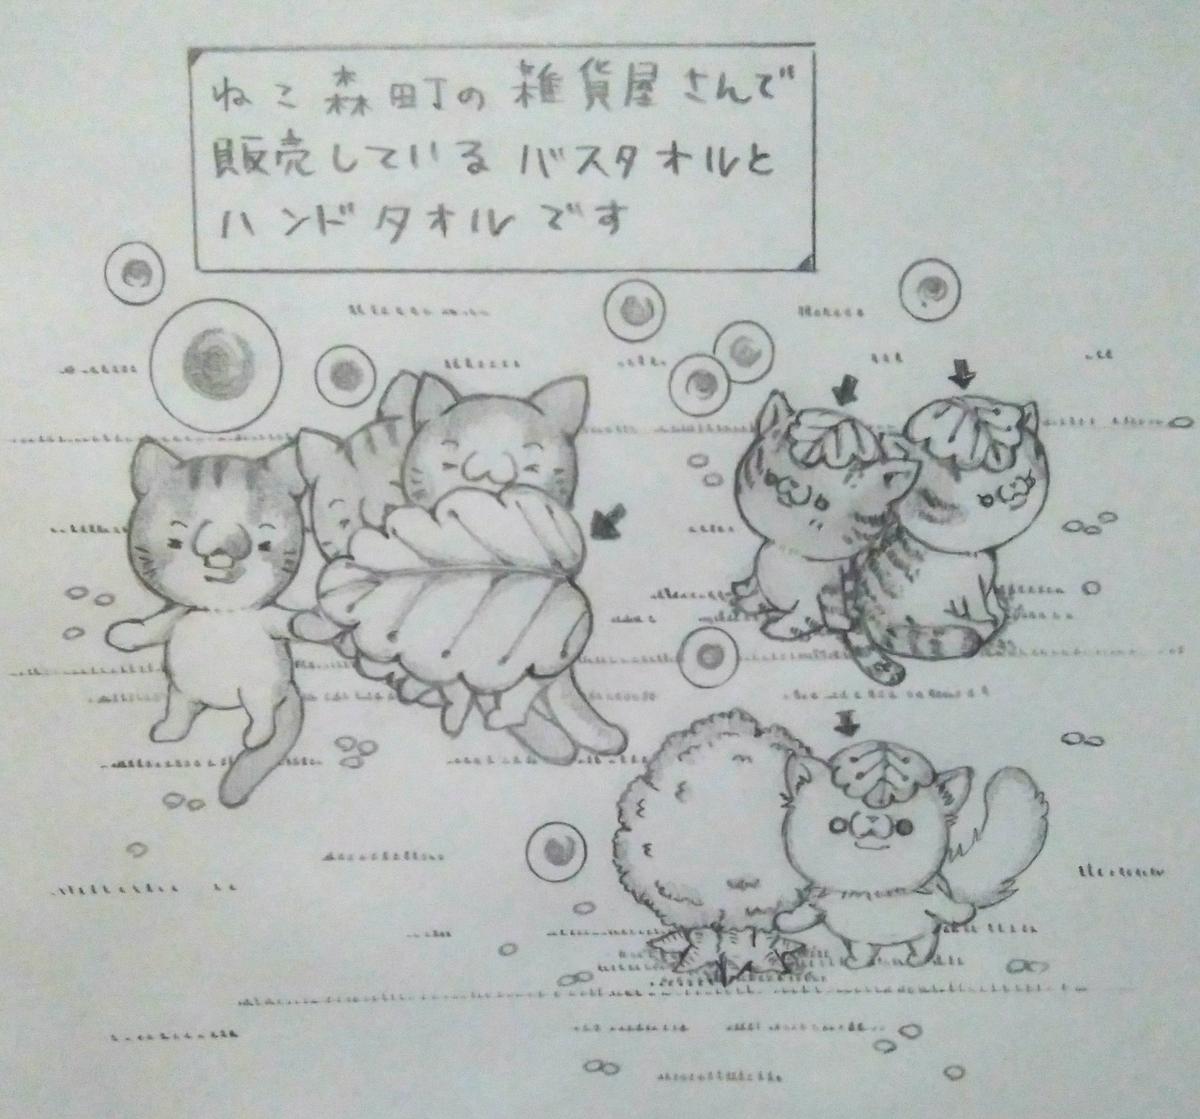 f:id:maricats:20210425205545j:plain